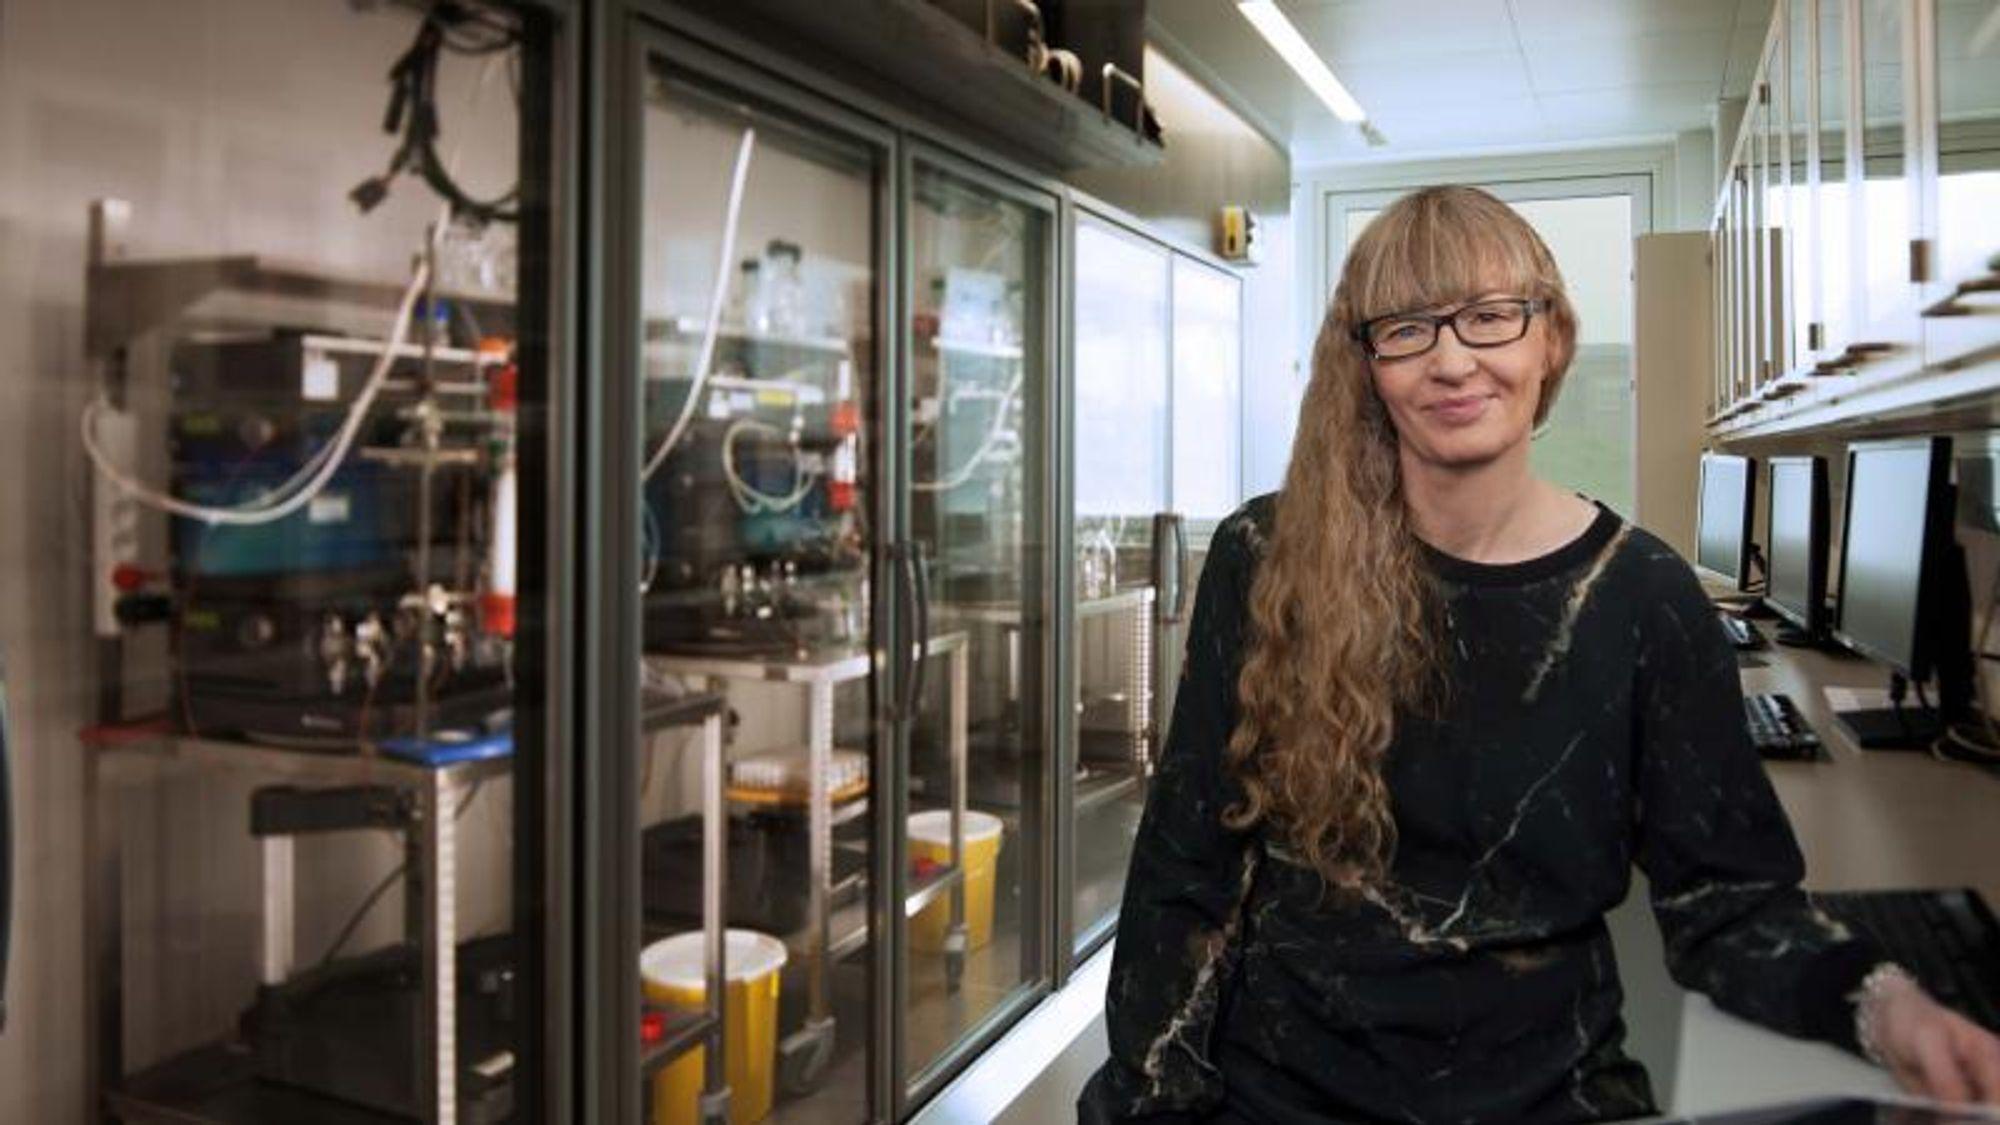 For 20 år siden skapte Lotte Bjerre Knudsen det molekylet som har gitt grunnlaget for diabetesmedisin i tablettform.